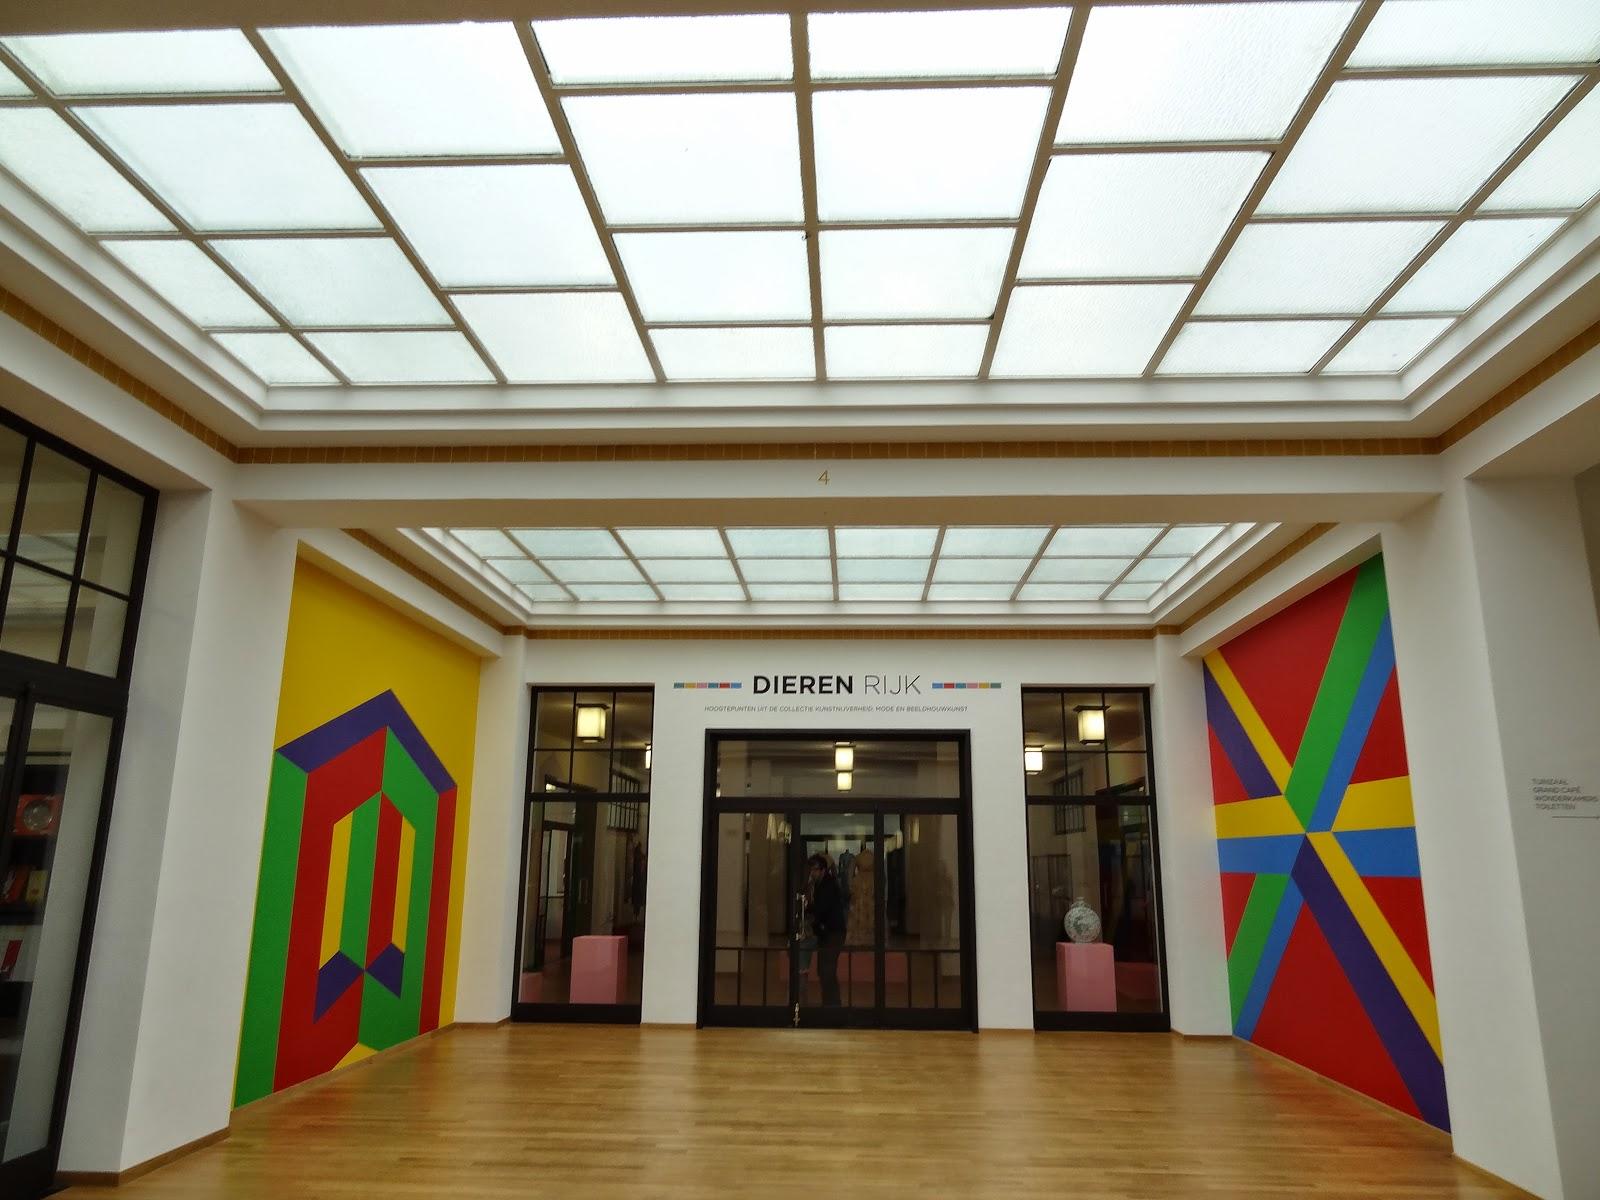 И, пожалуй, из всех галерей современного искусства что мне довелось посетить муниципальный музей гааги произвел самое